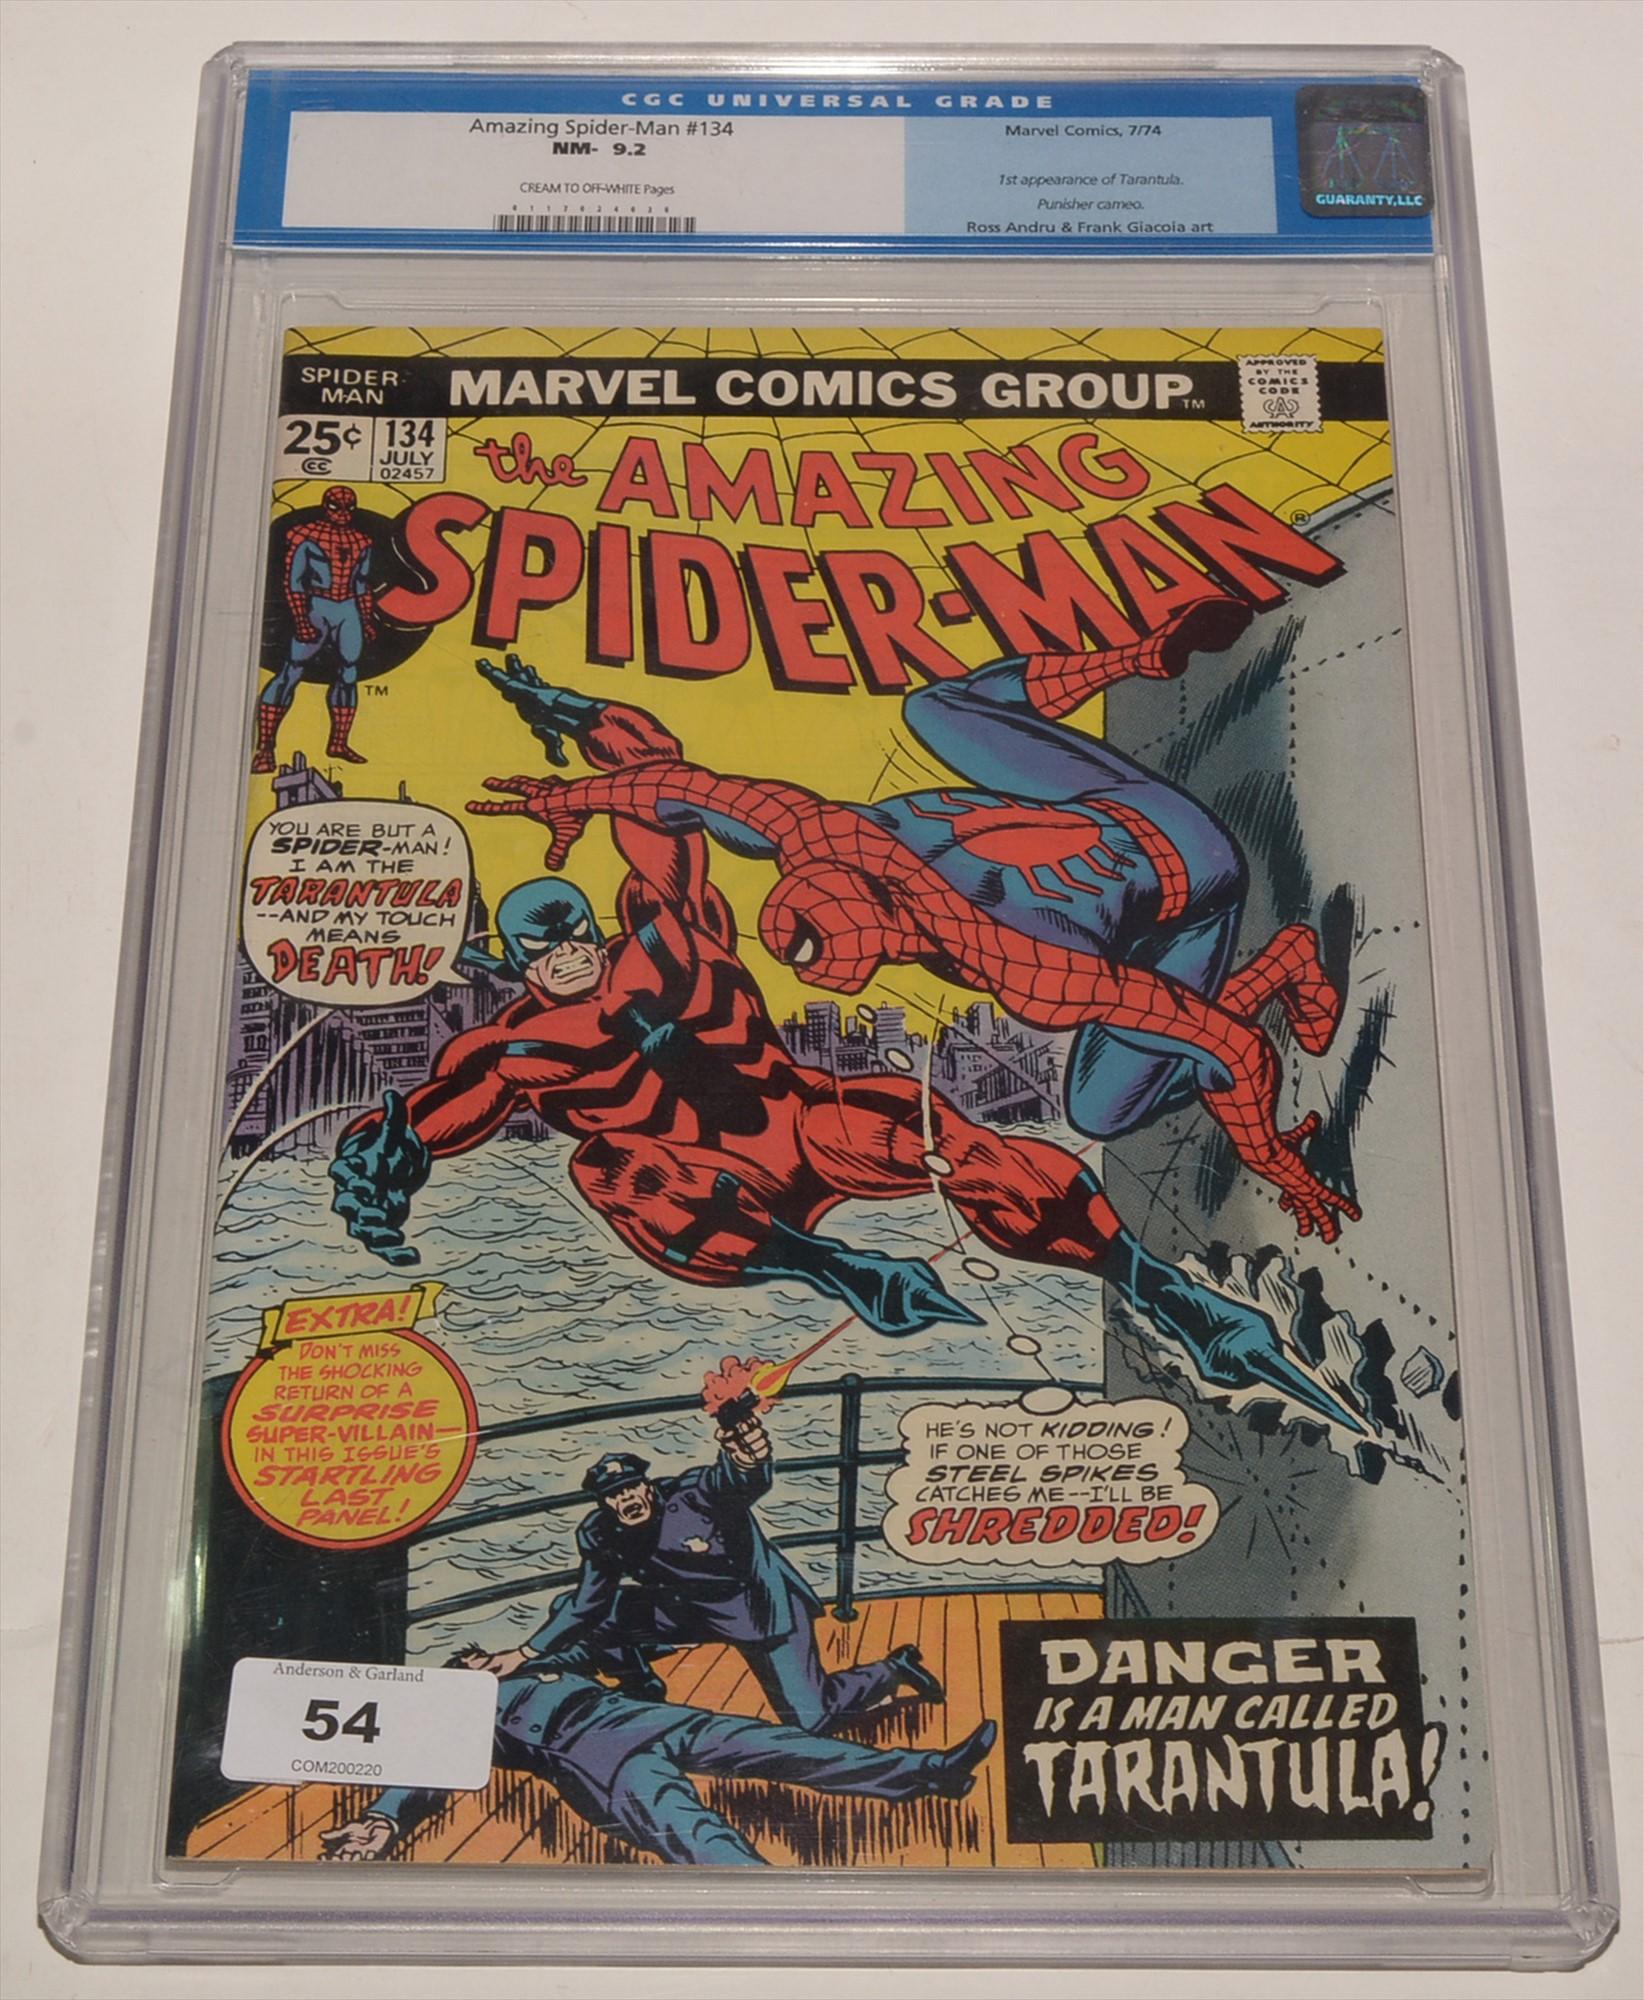 Amazing Spider-Man No. 134